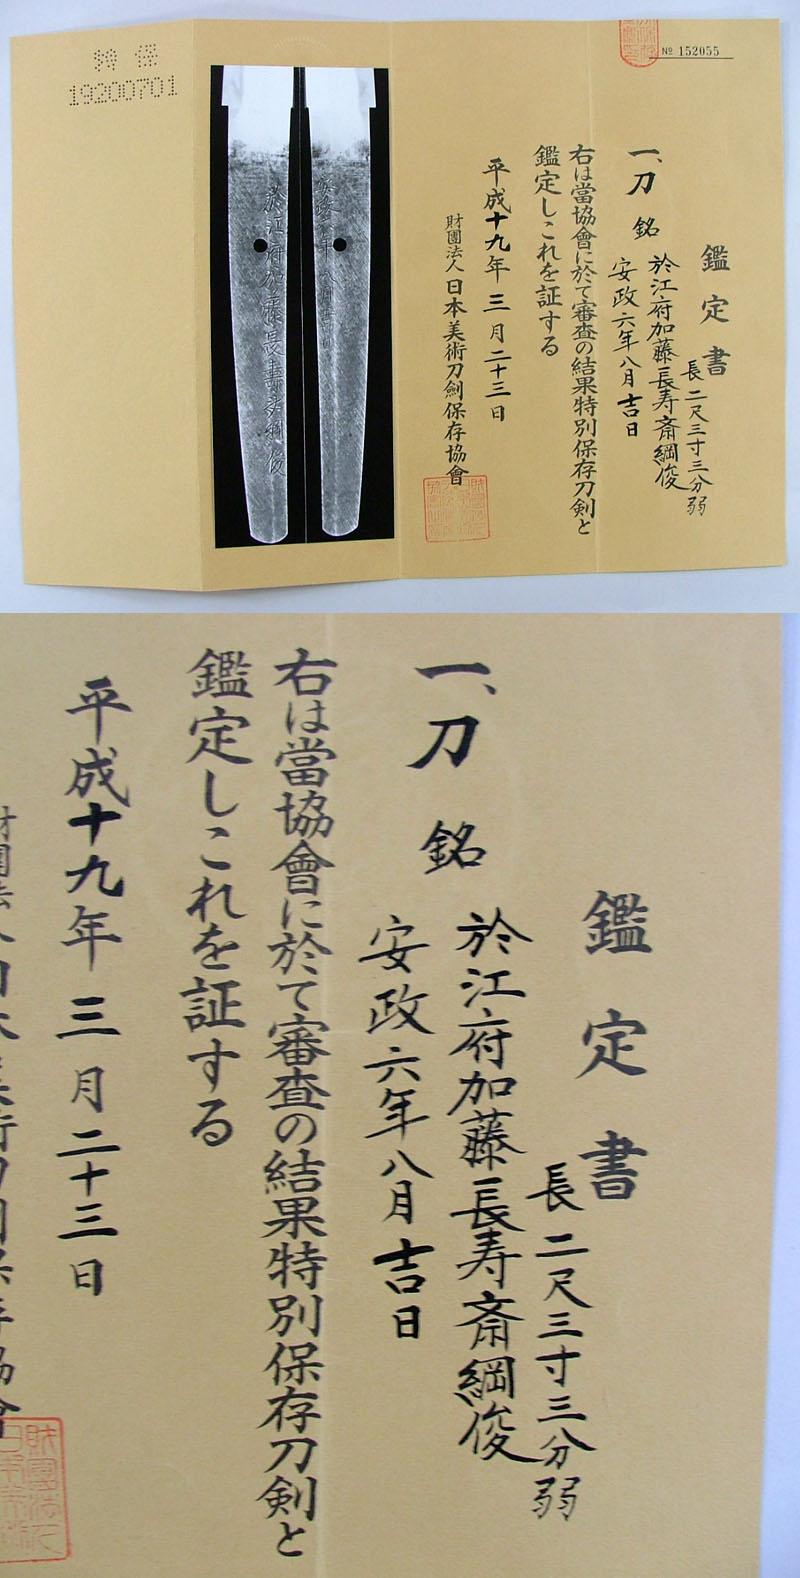 於江府加藤長寿斎綱俊 Picture of Certificate